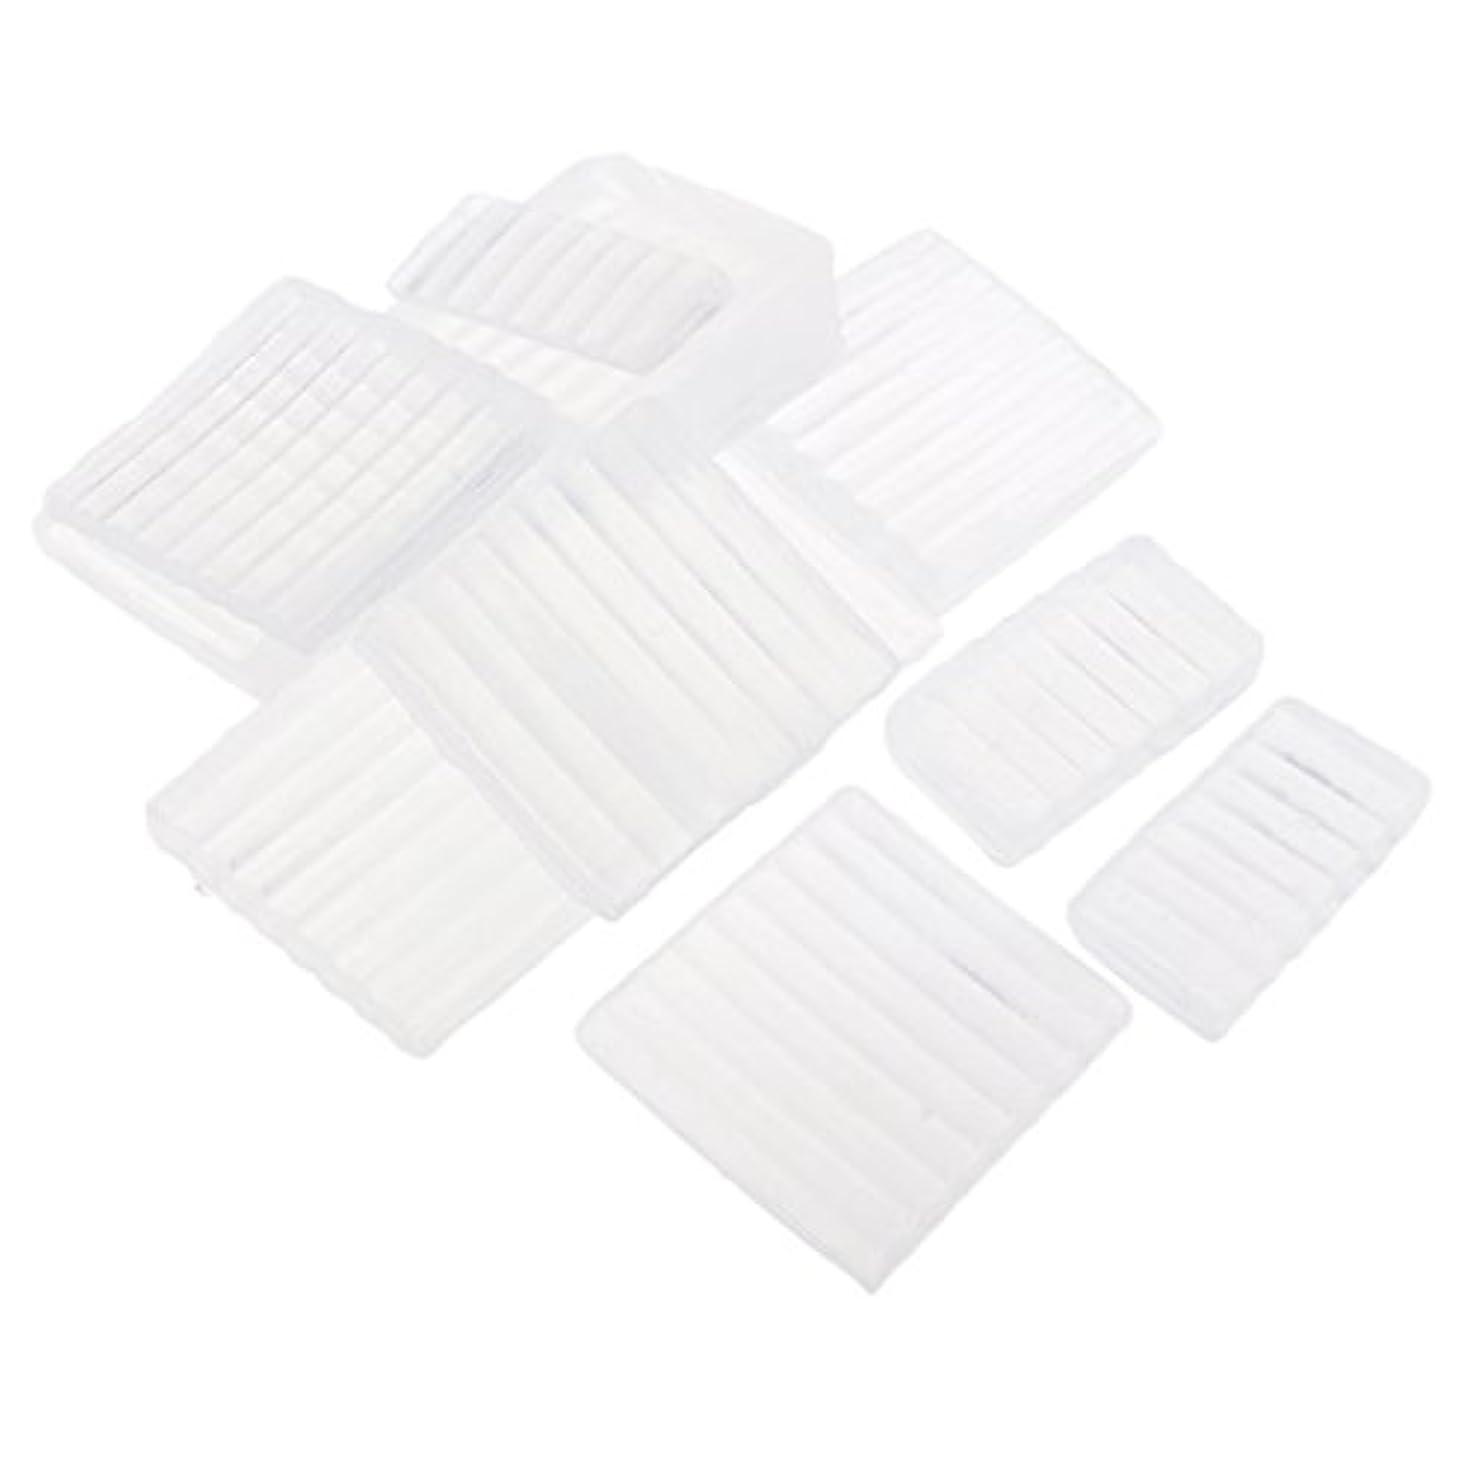 驚いたミル美容師Fenteer ホワイト 透明 石鹸ベース DIY 手作り 石鹸 材料 約500g